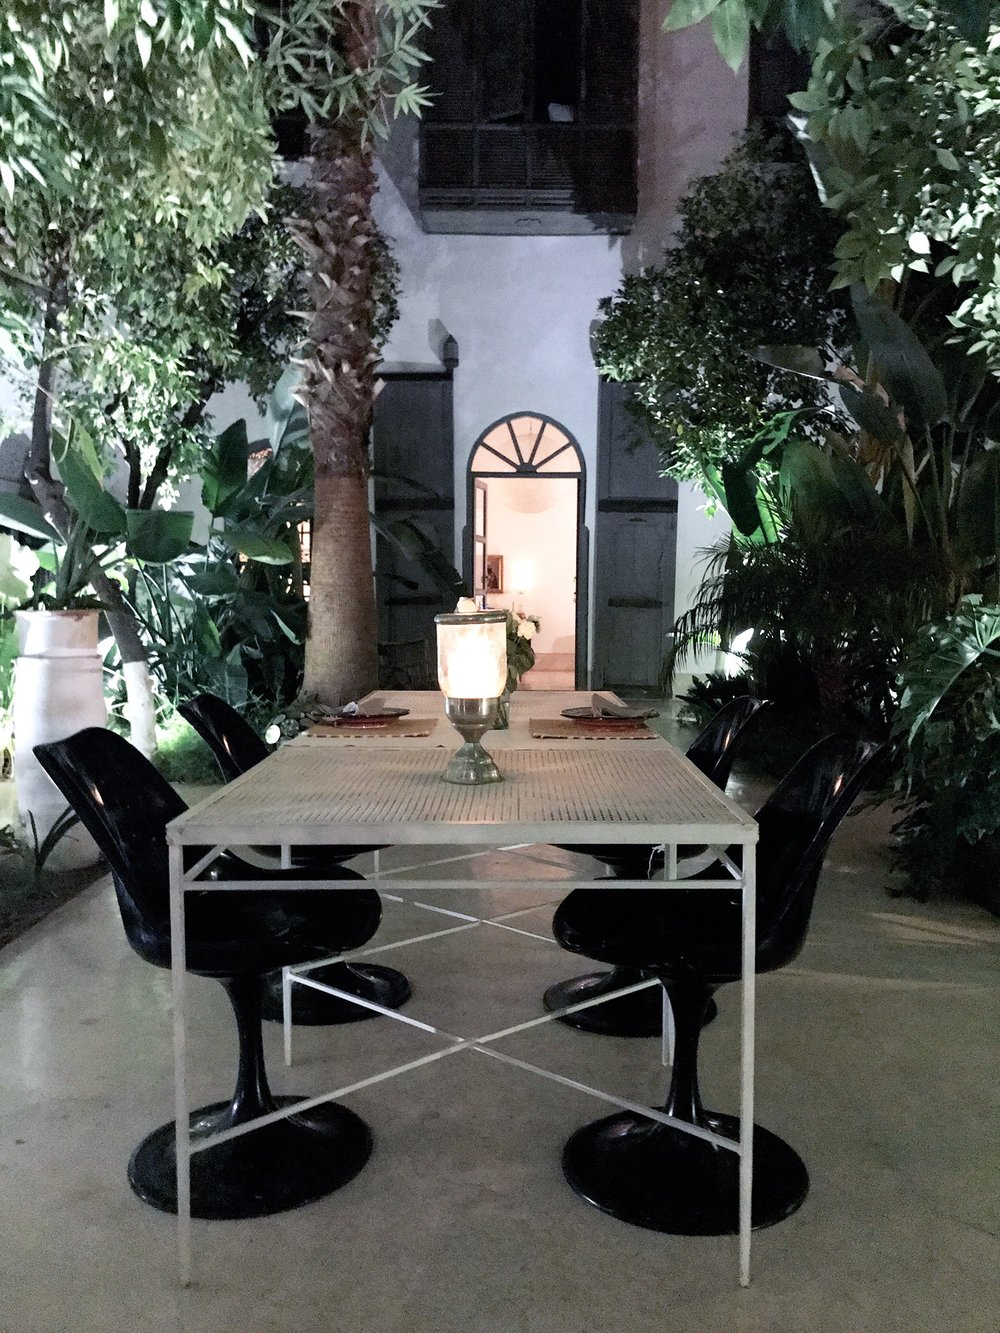 Marrakech-Riad-Mena-courtyard-table.jpg